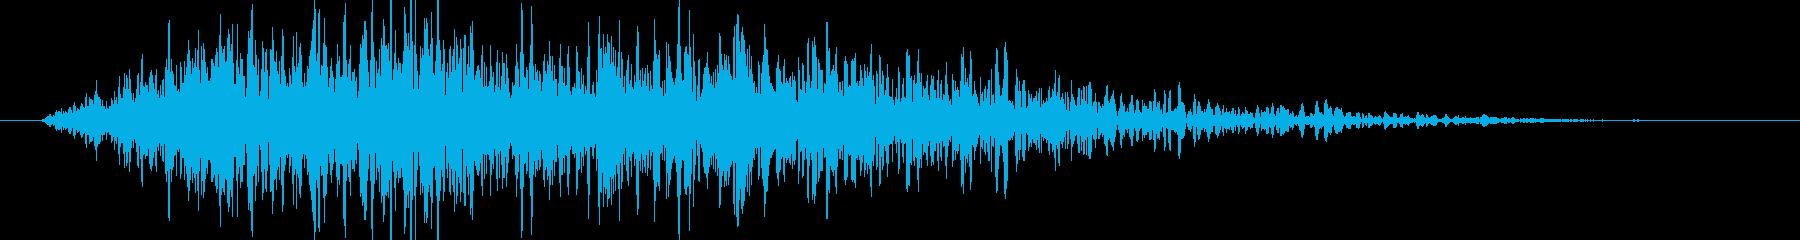 竜の羽ばたきの再生済みの波形